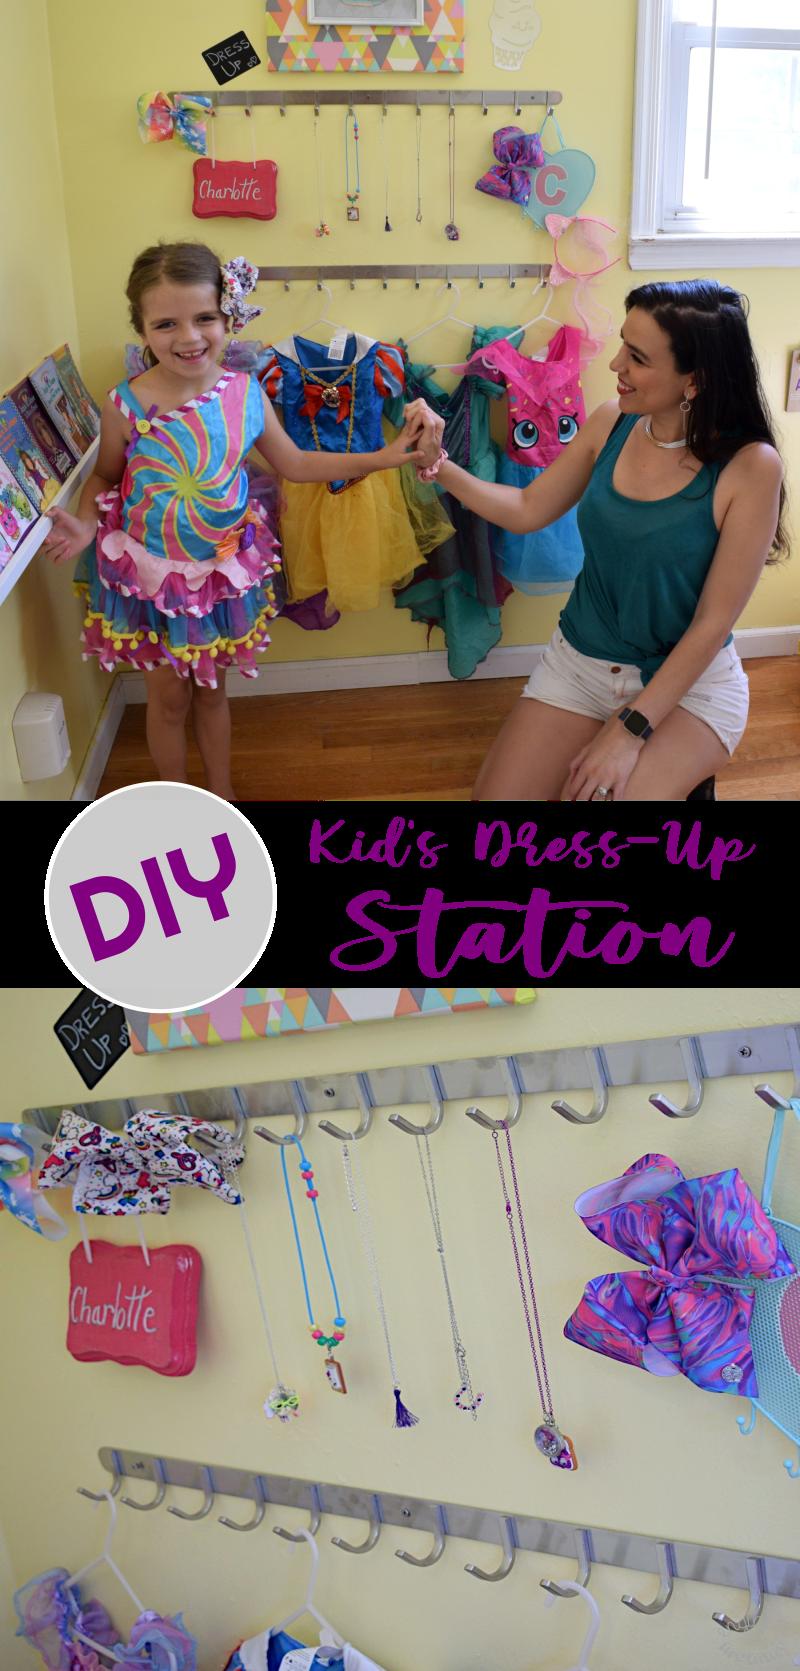 DIY Kid's Dress-Up Station